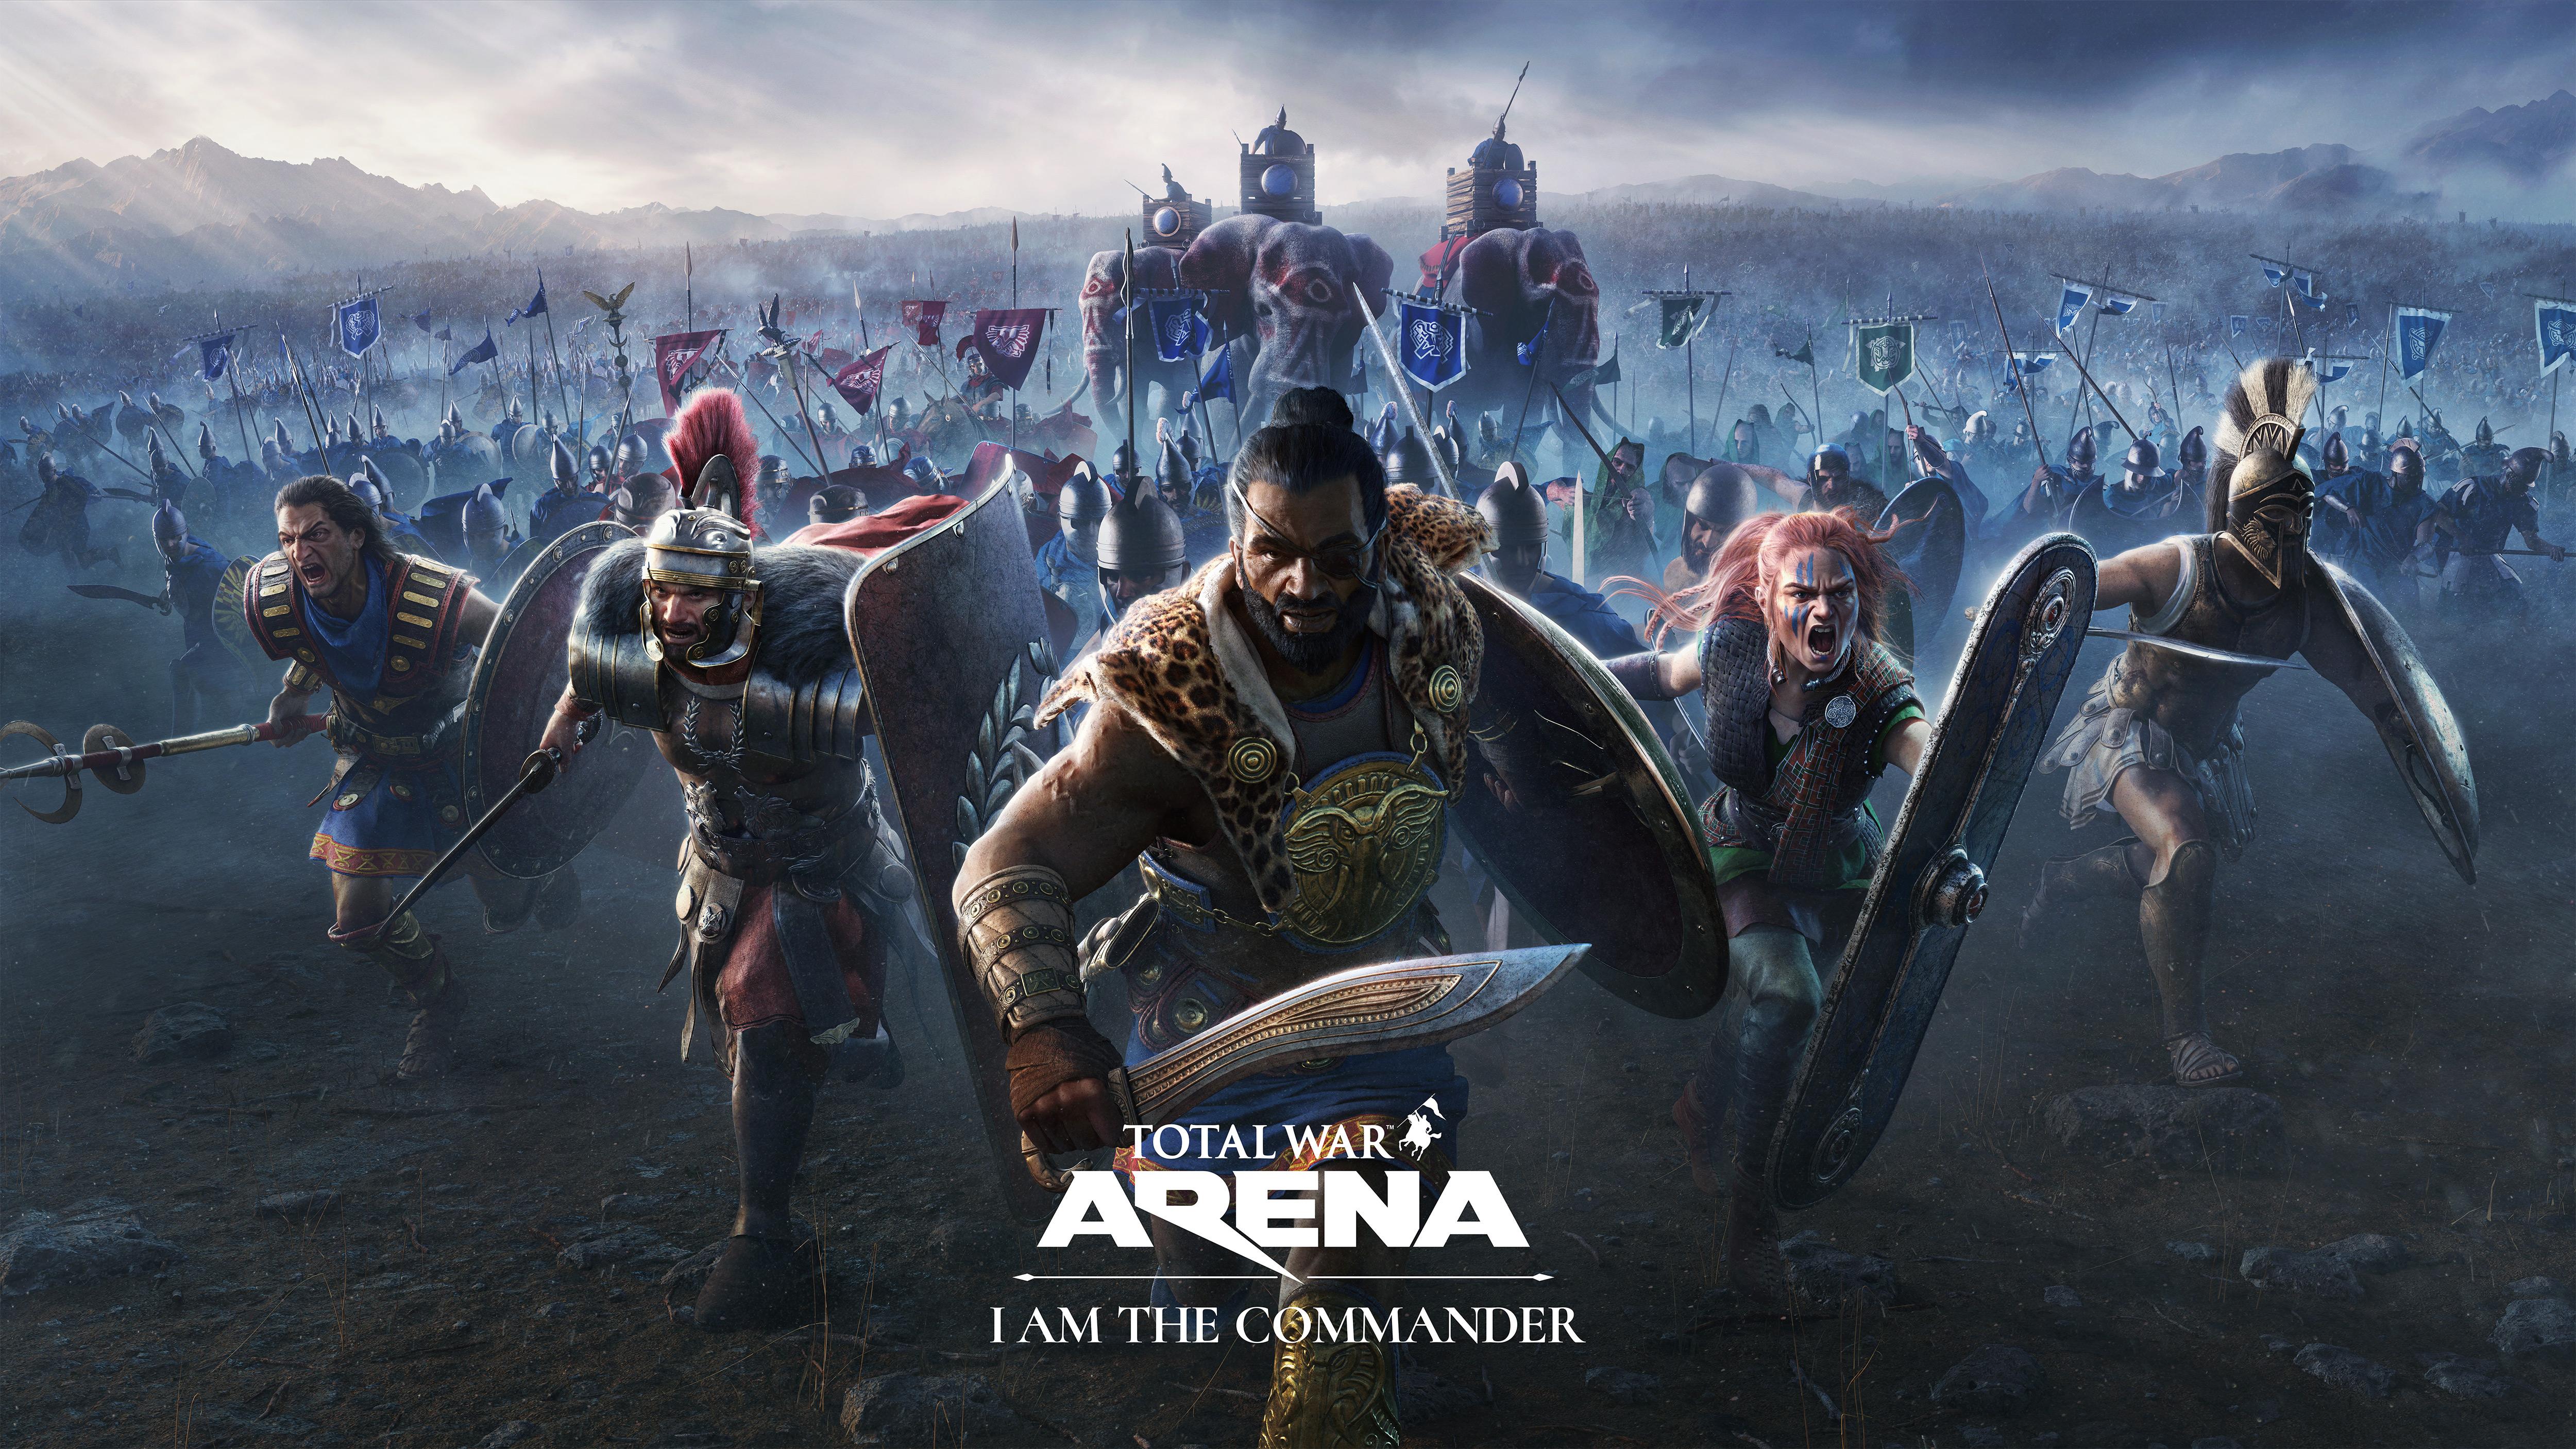 As batalhas de Total War: Arena